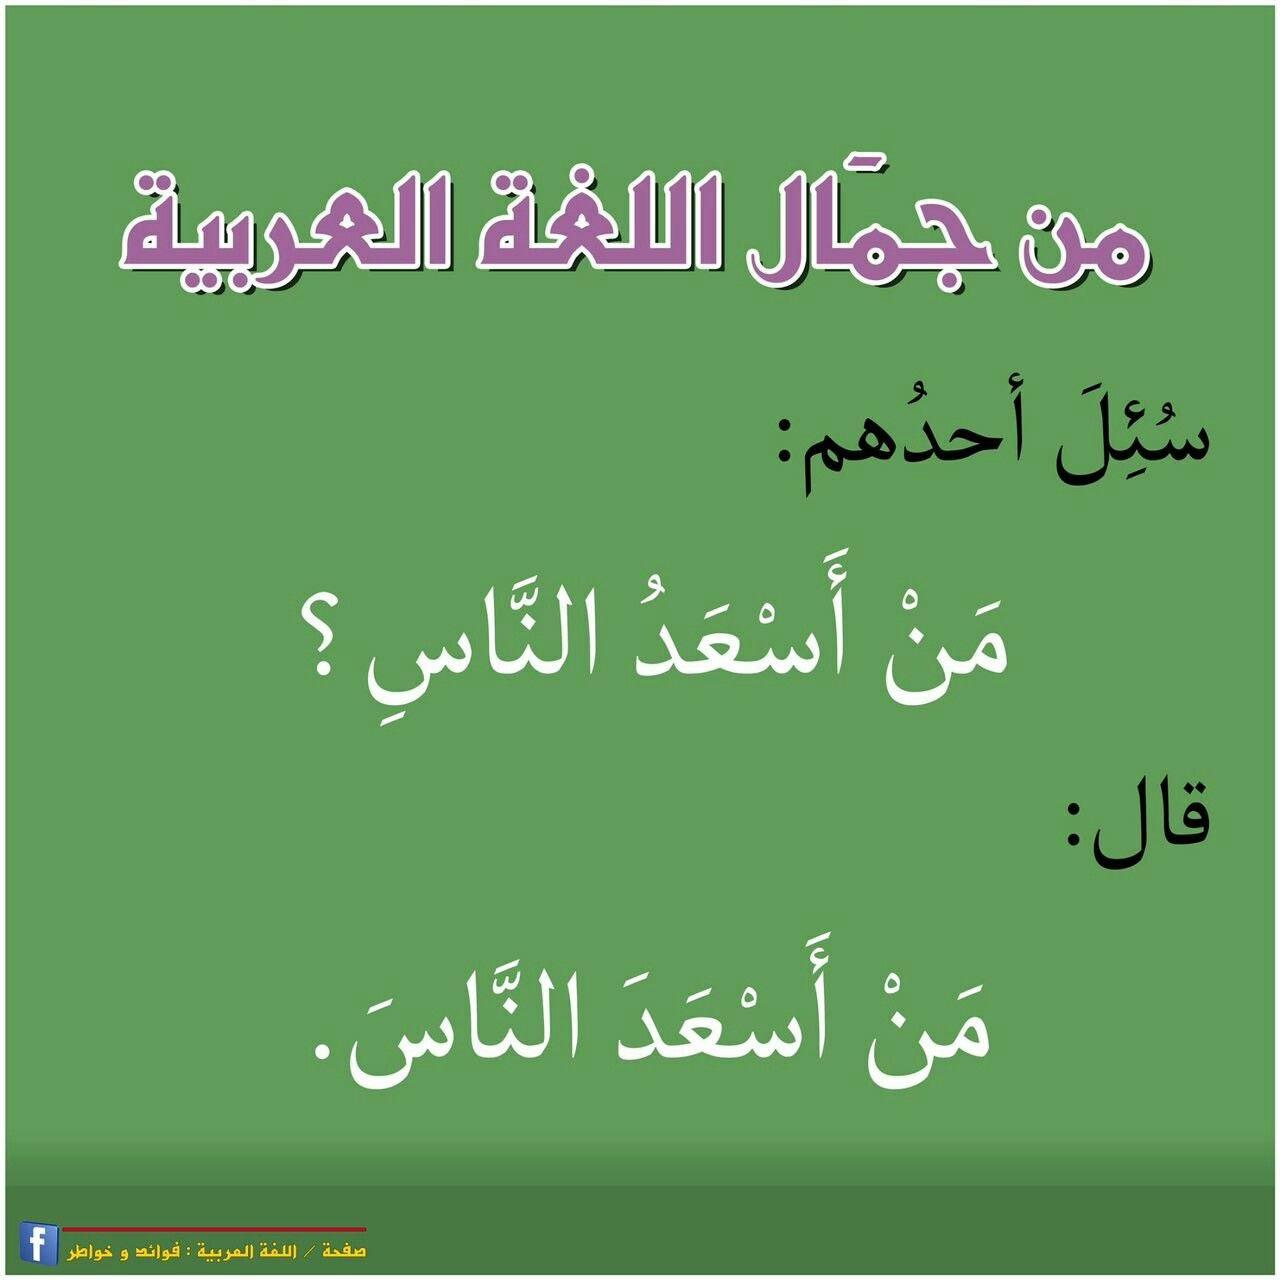 من جمال اللغة العربية Words Quotes Beautiful Arabic Words Cool Words